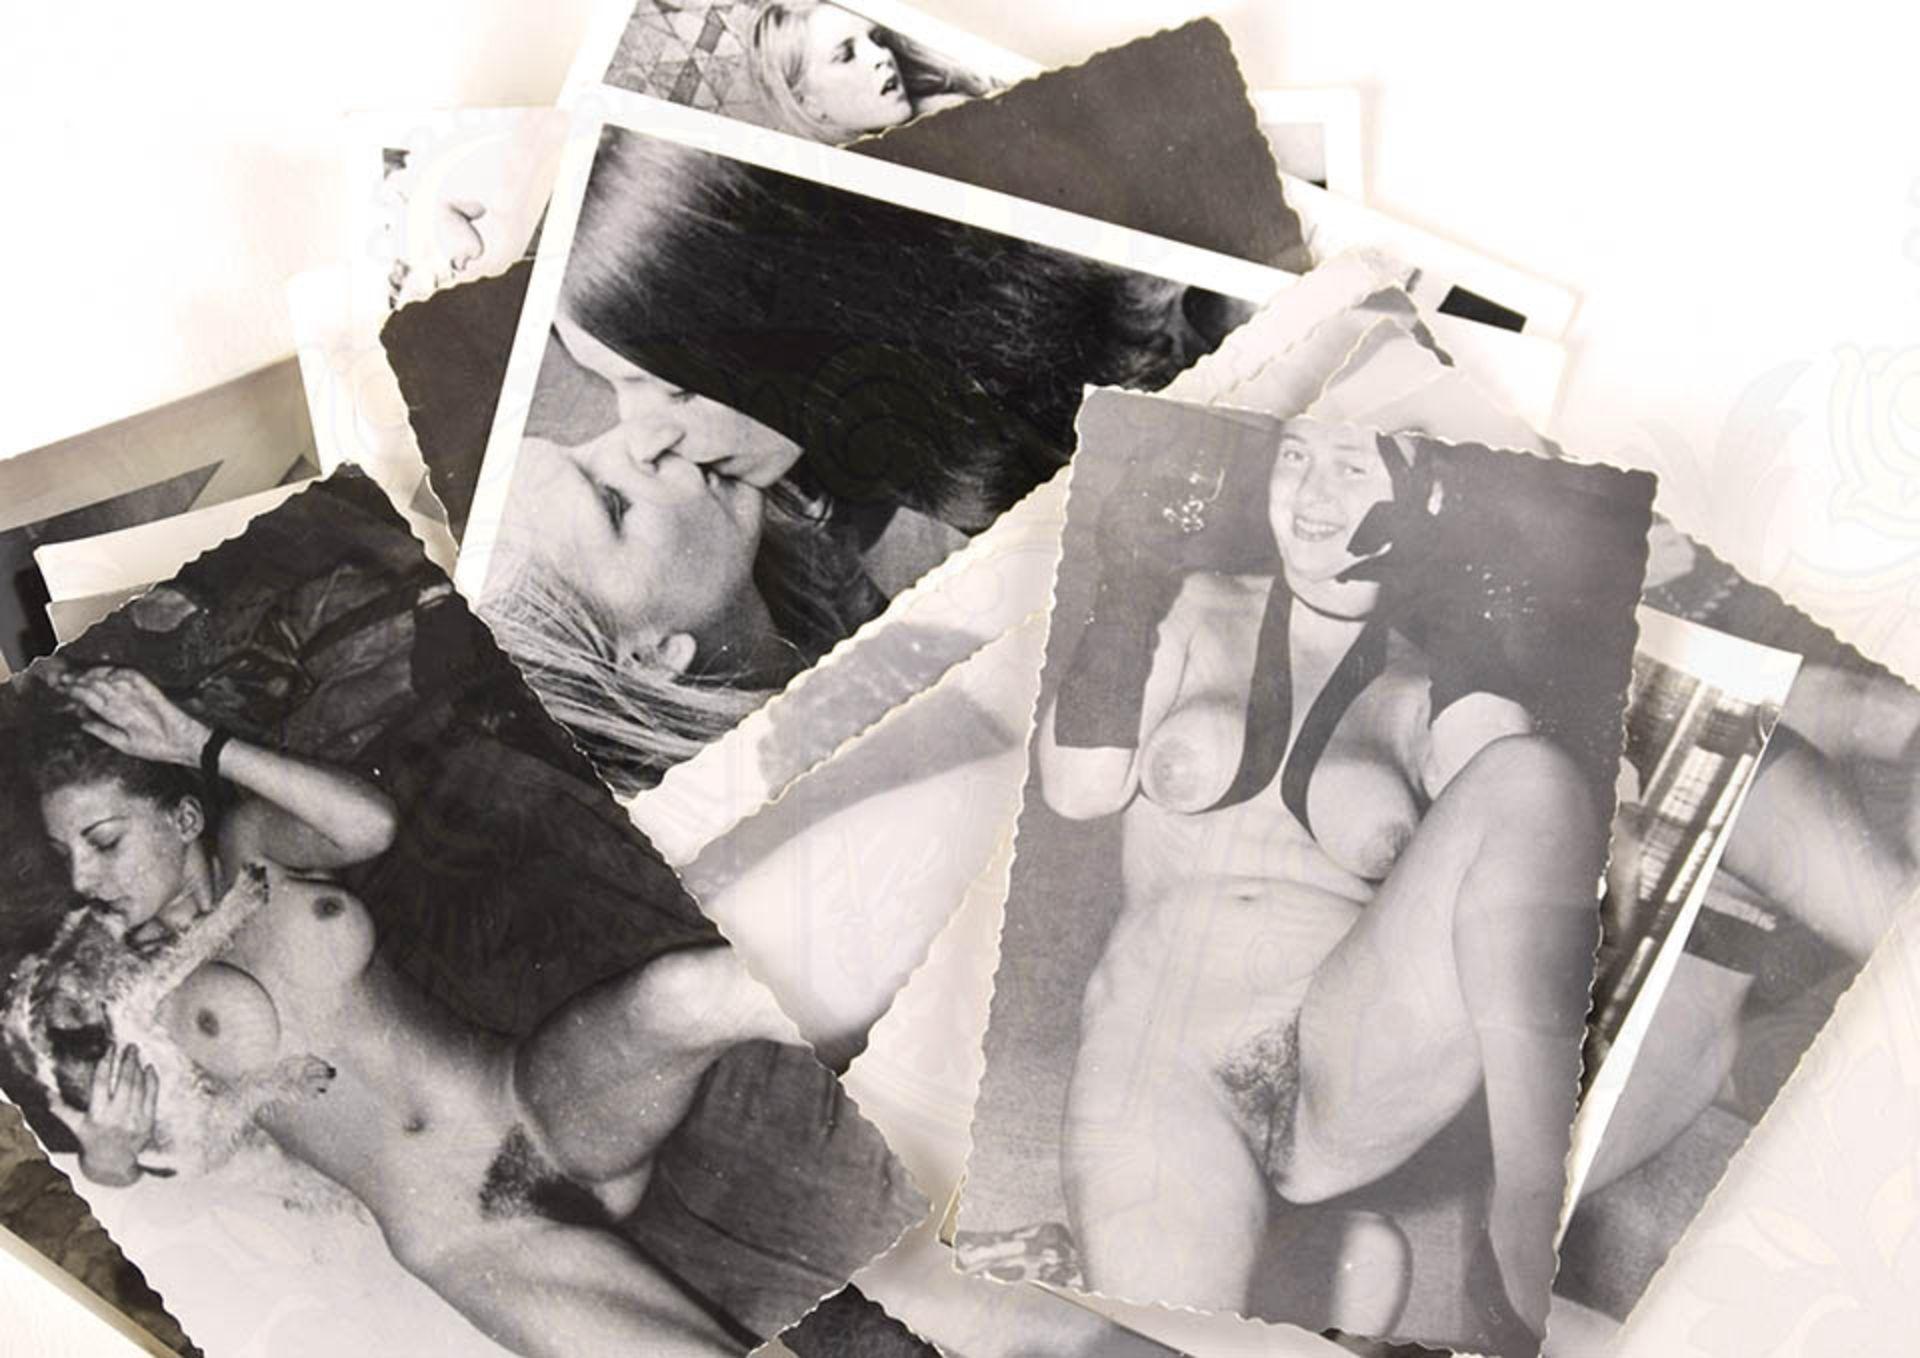 EROTIK-FOTOS, ca. 20 Stk., s/w, 50er-60er Jahre, versch. Kleinformate, Frauen in verschiedenen